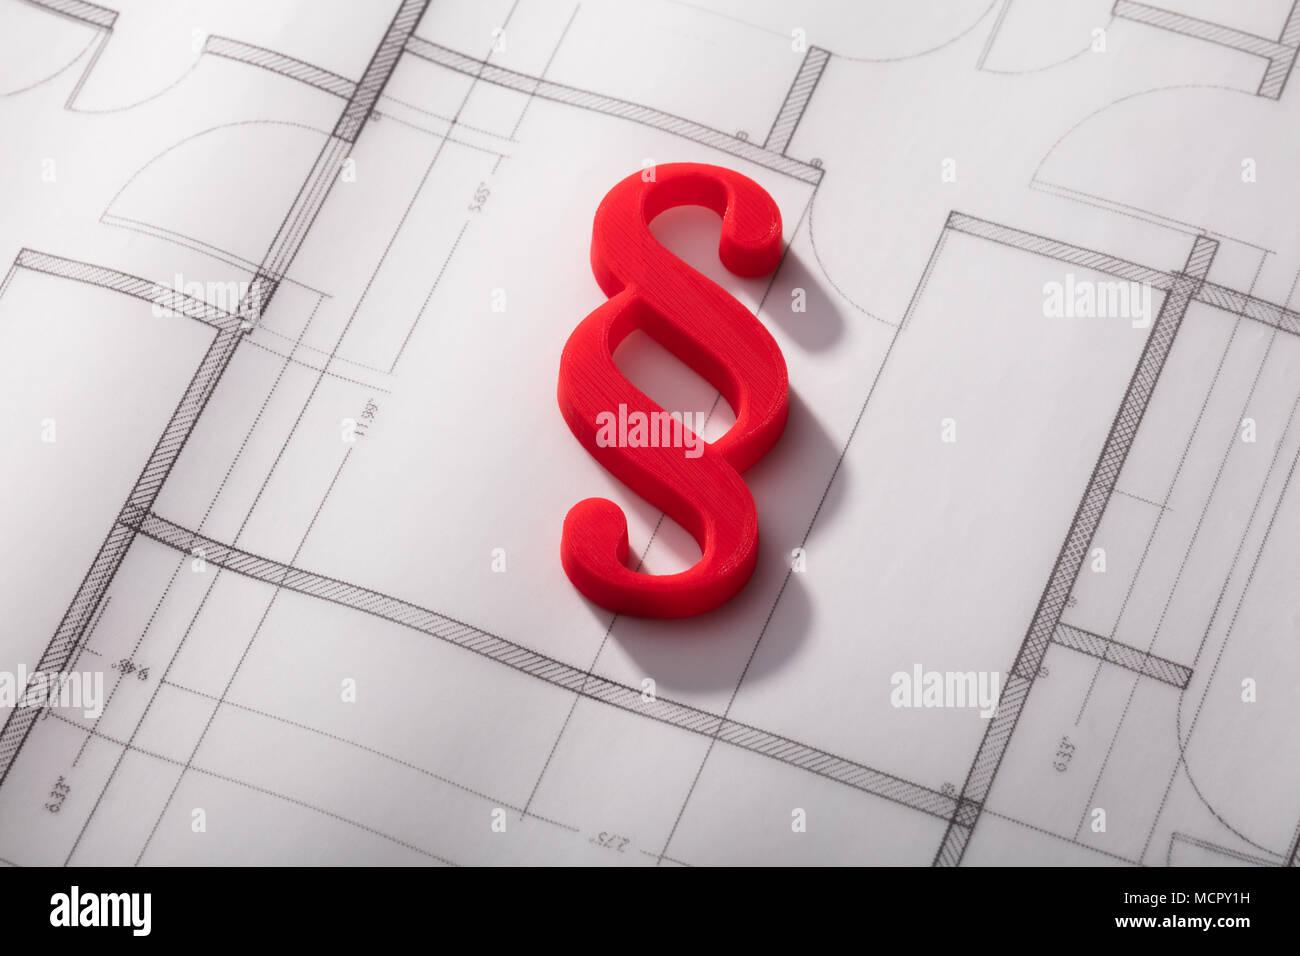 Hohe Betrachtungswinkel der Roten Absatz Symbol auf Blueprint Stockbild